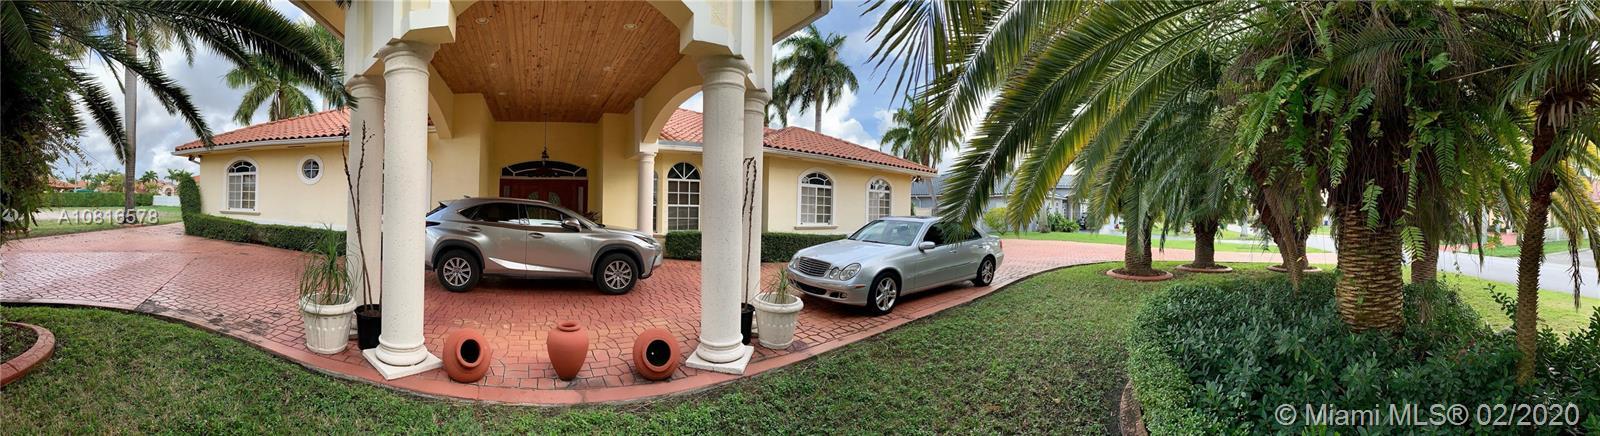 13961 SW 14th St, Miami, FL 33184